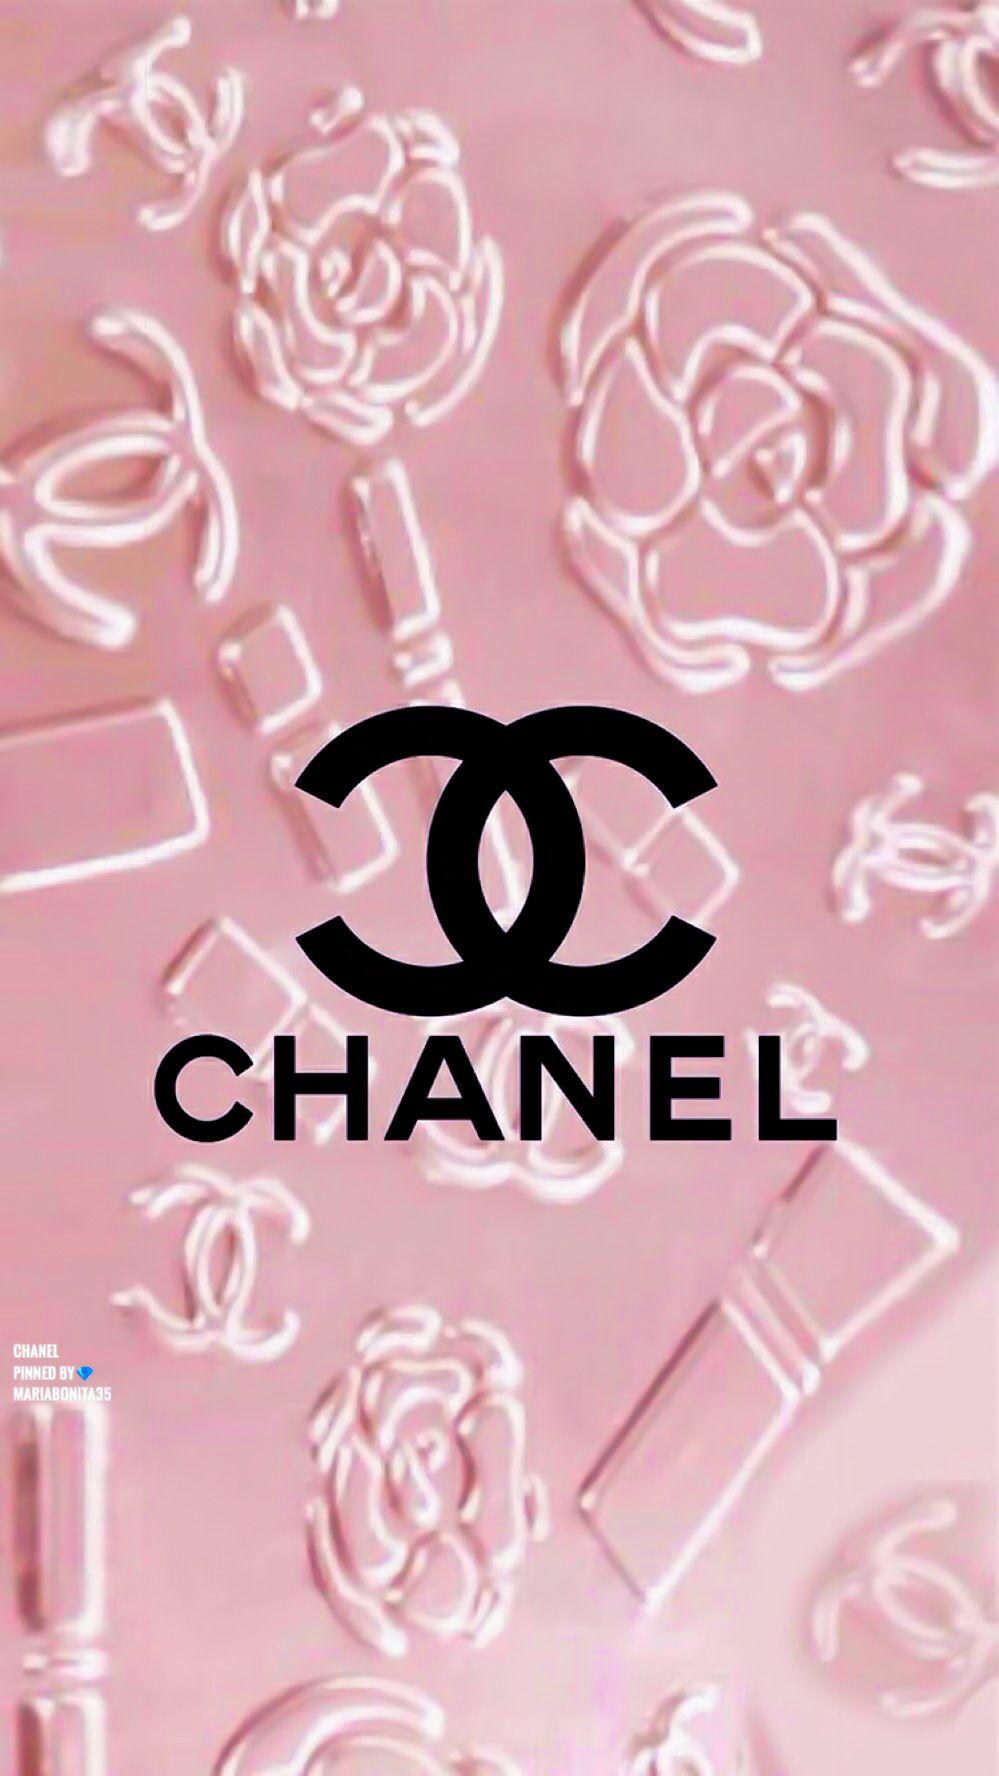 Chanel Fond D Ecran Chanel Fond D Ecran Telephone Fond D Ecran Colore